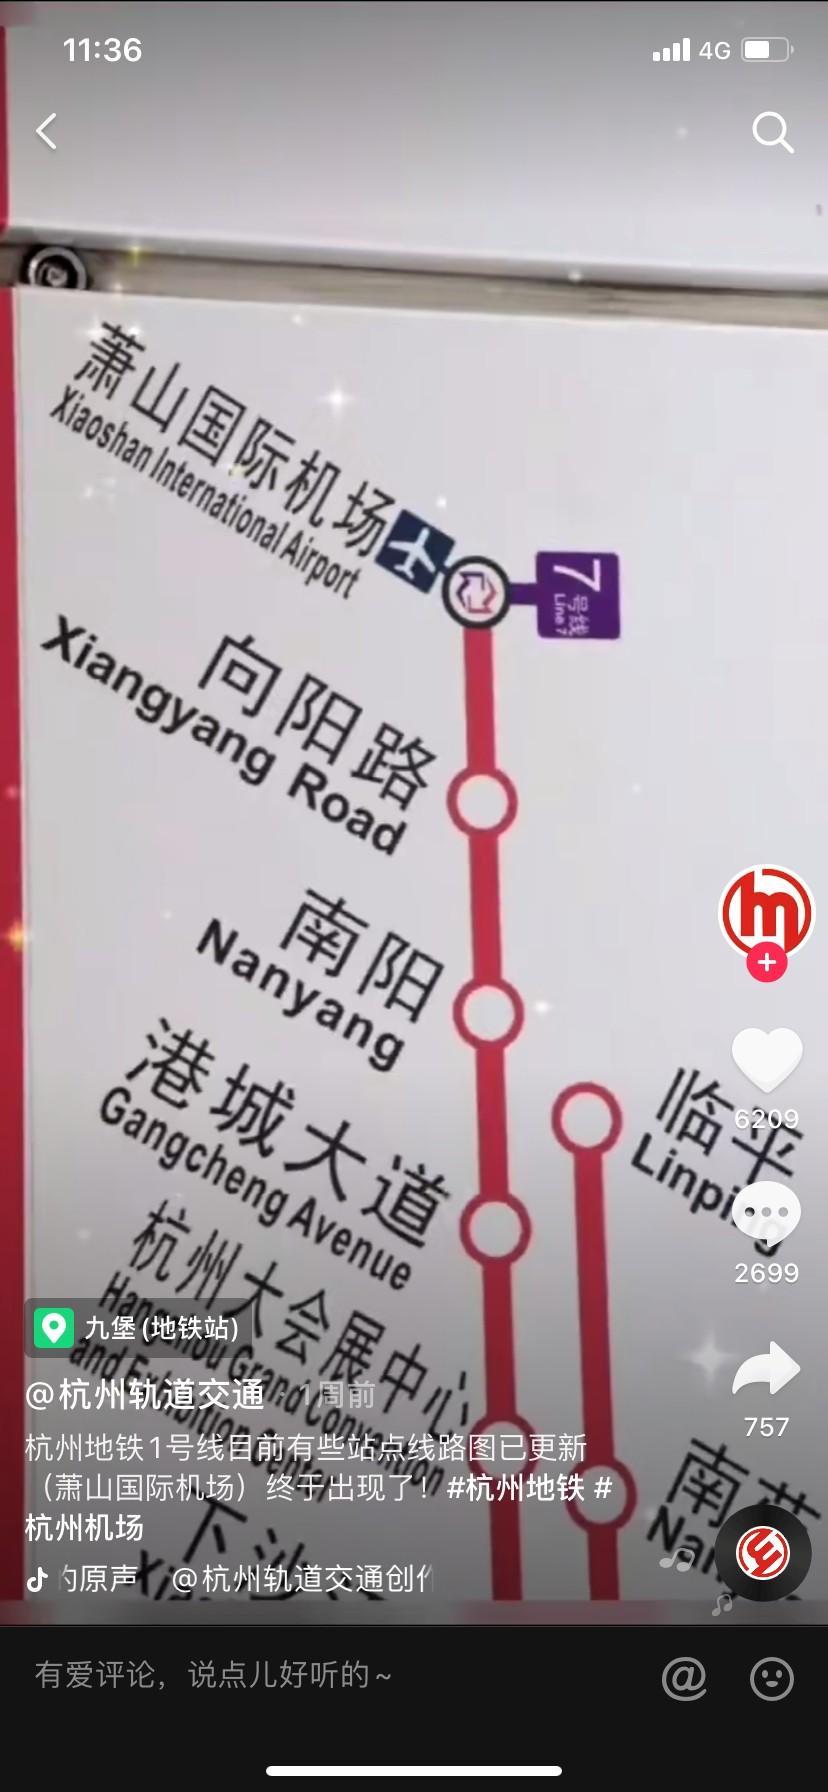 杭州地铁1号线终点:萧山国际机场!其他地铁项目进展如何了?